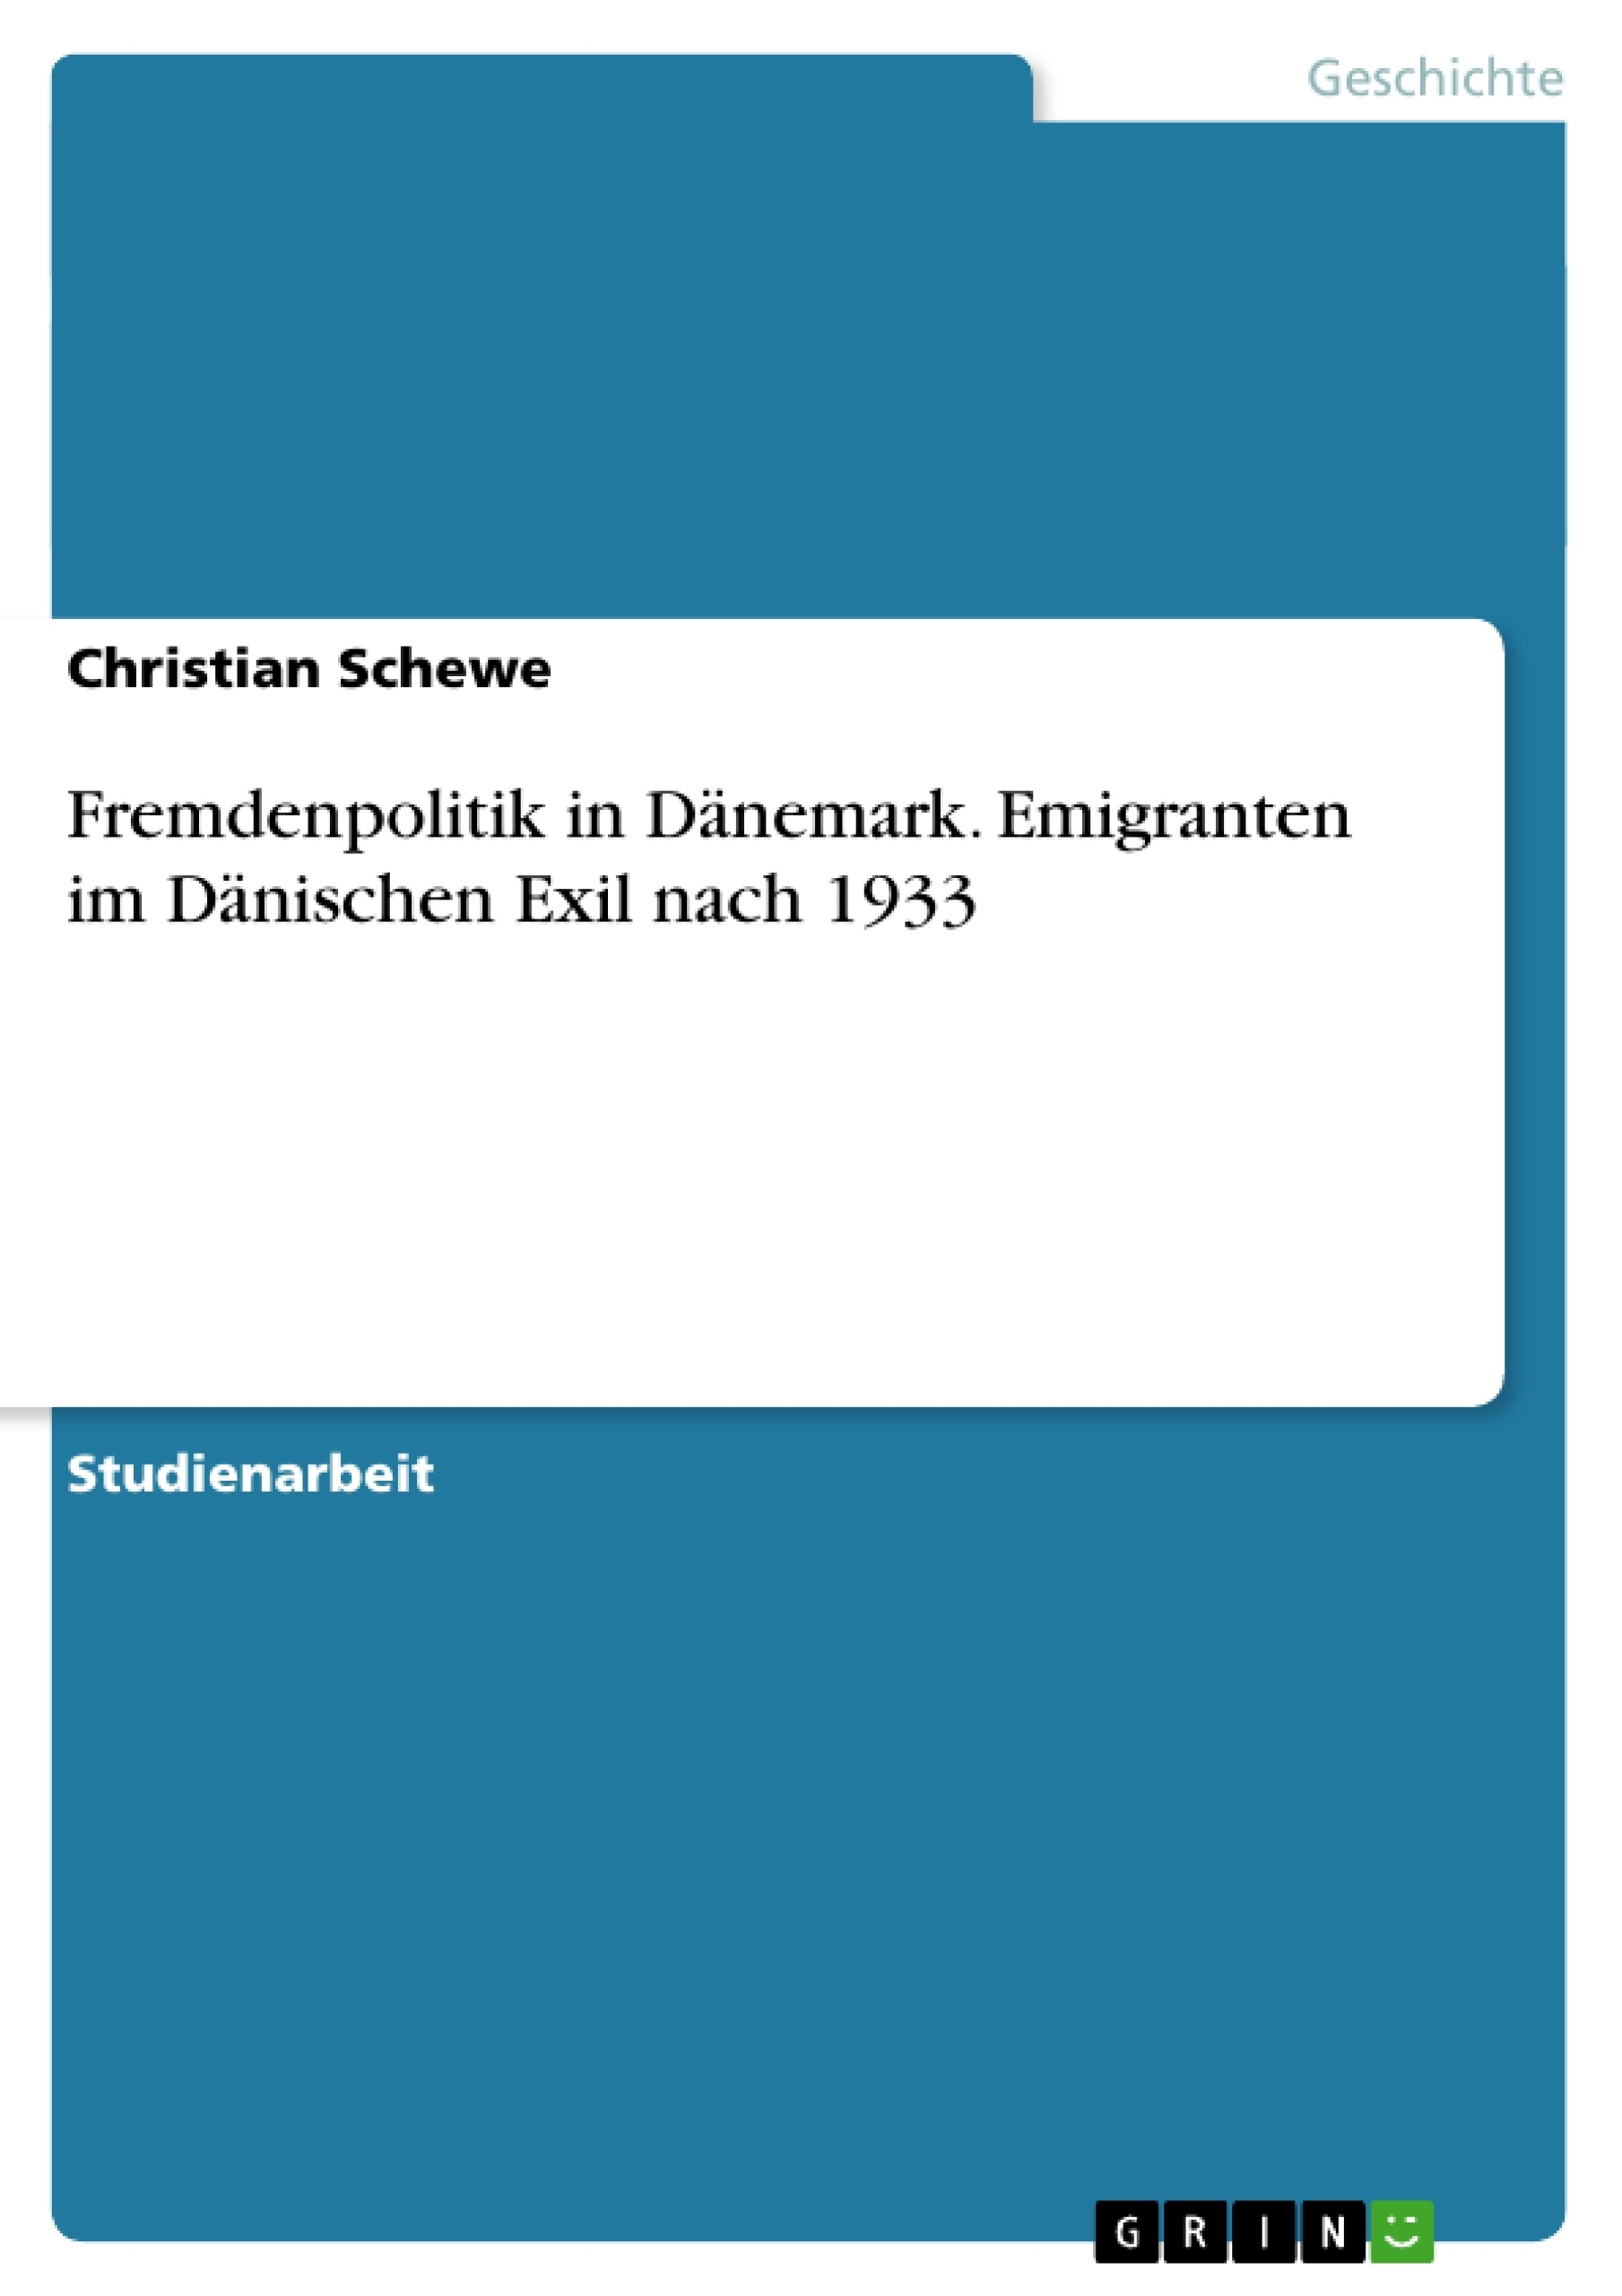 Titel: Fremdenpolitik in Dänemark. Emigranten im Dänischen Exil nach 1933